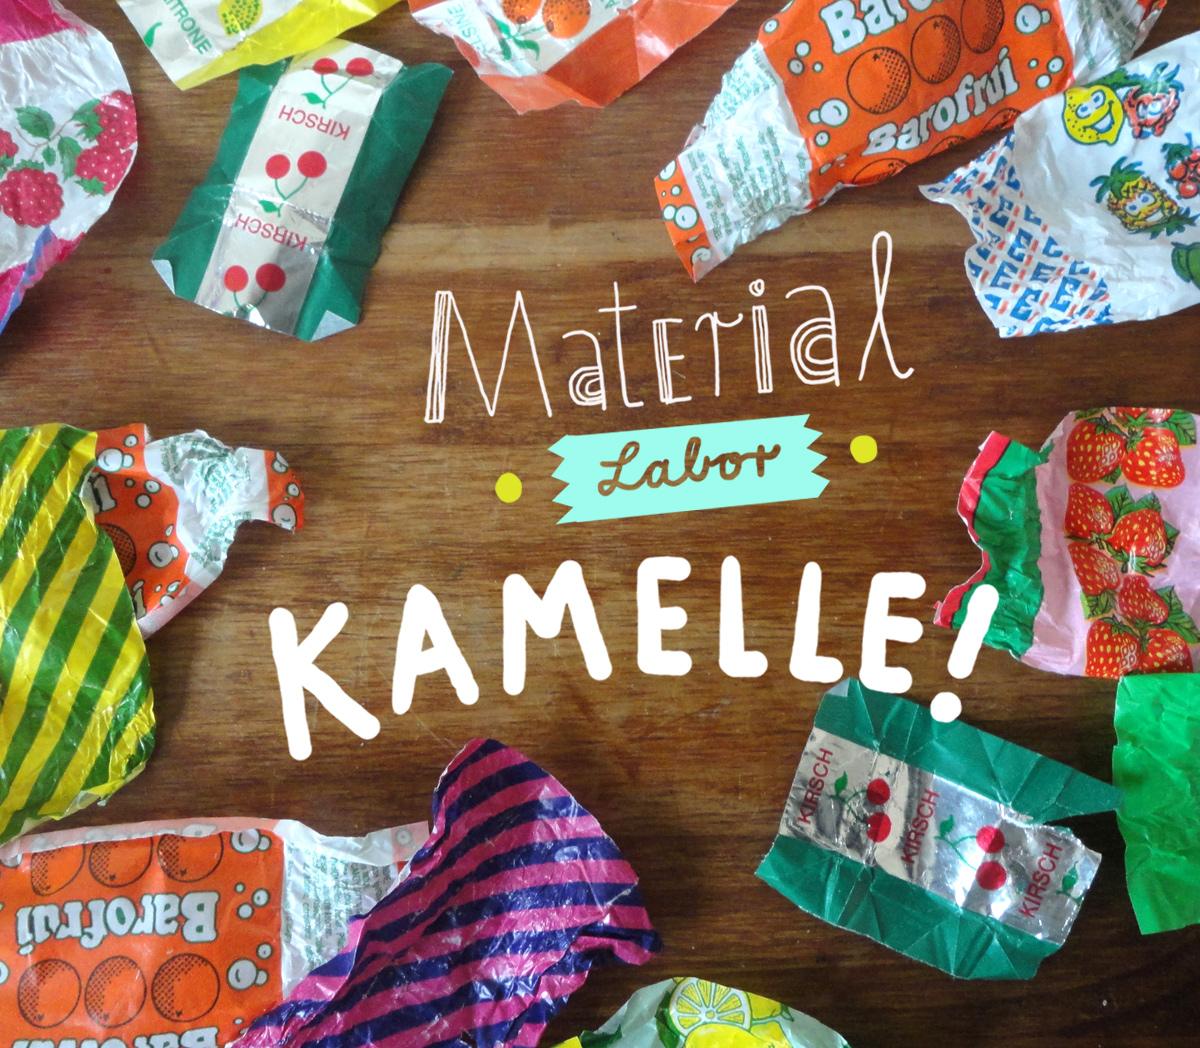 Titelbild Materiallabor: Kamelle